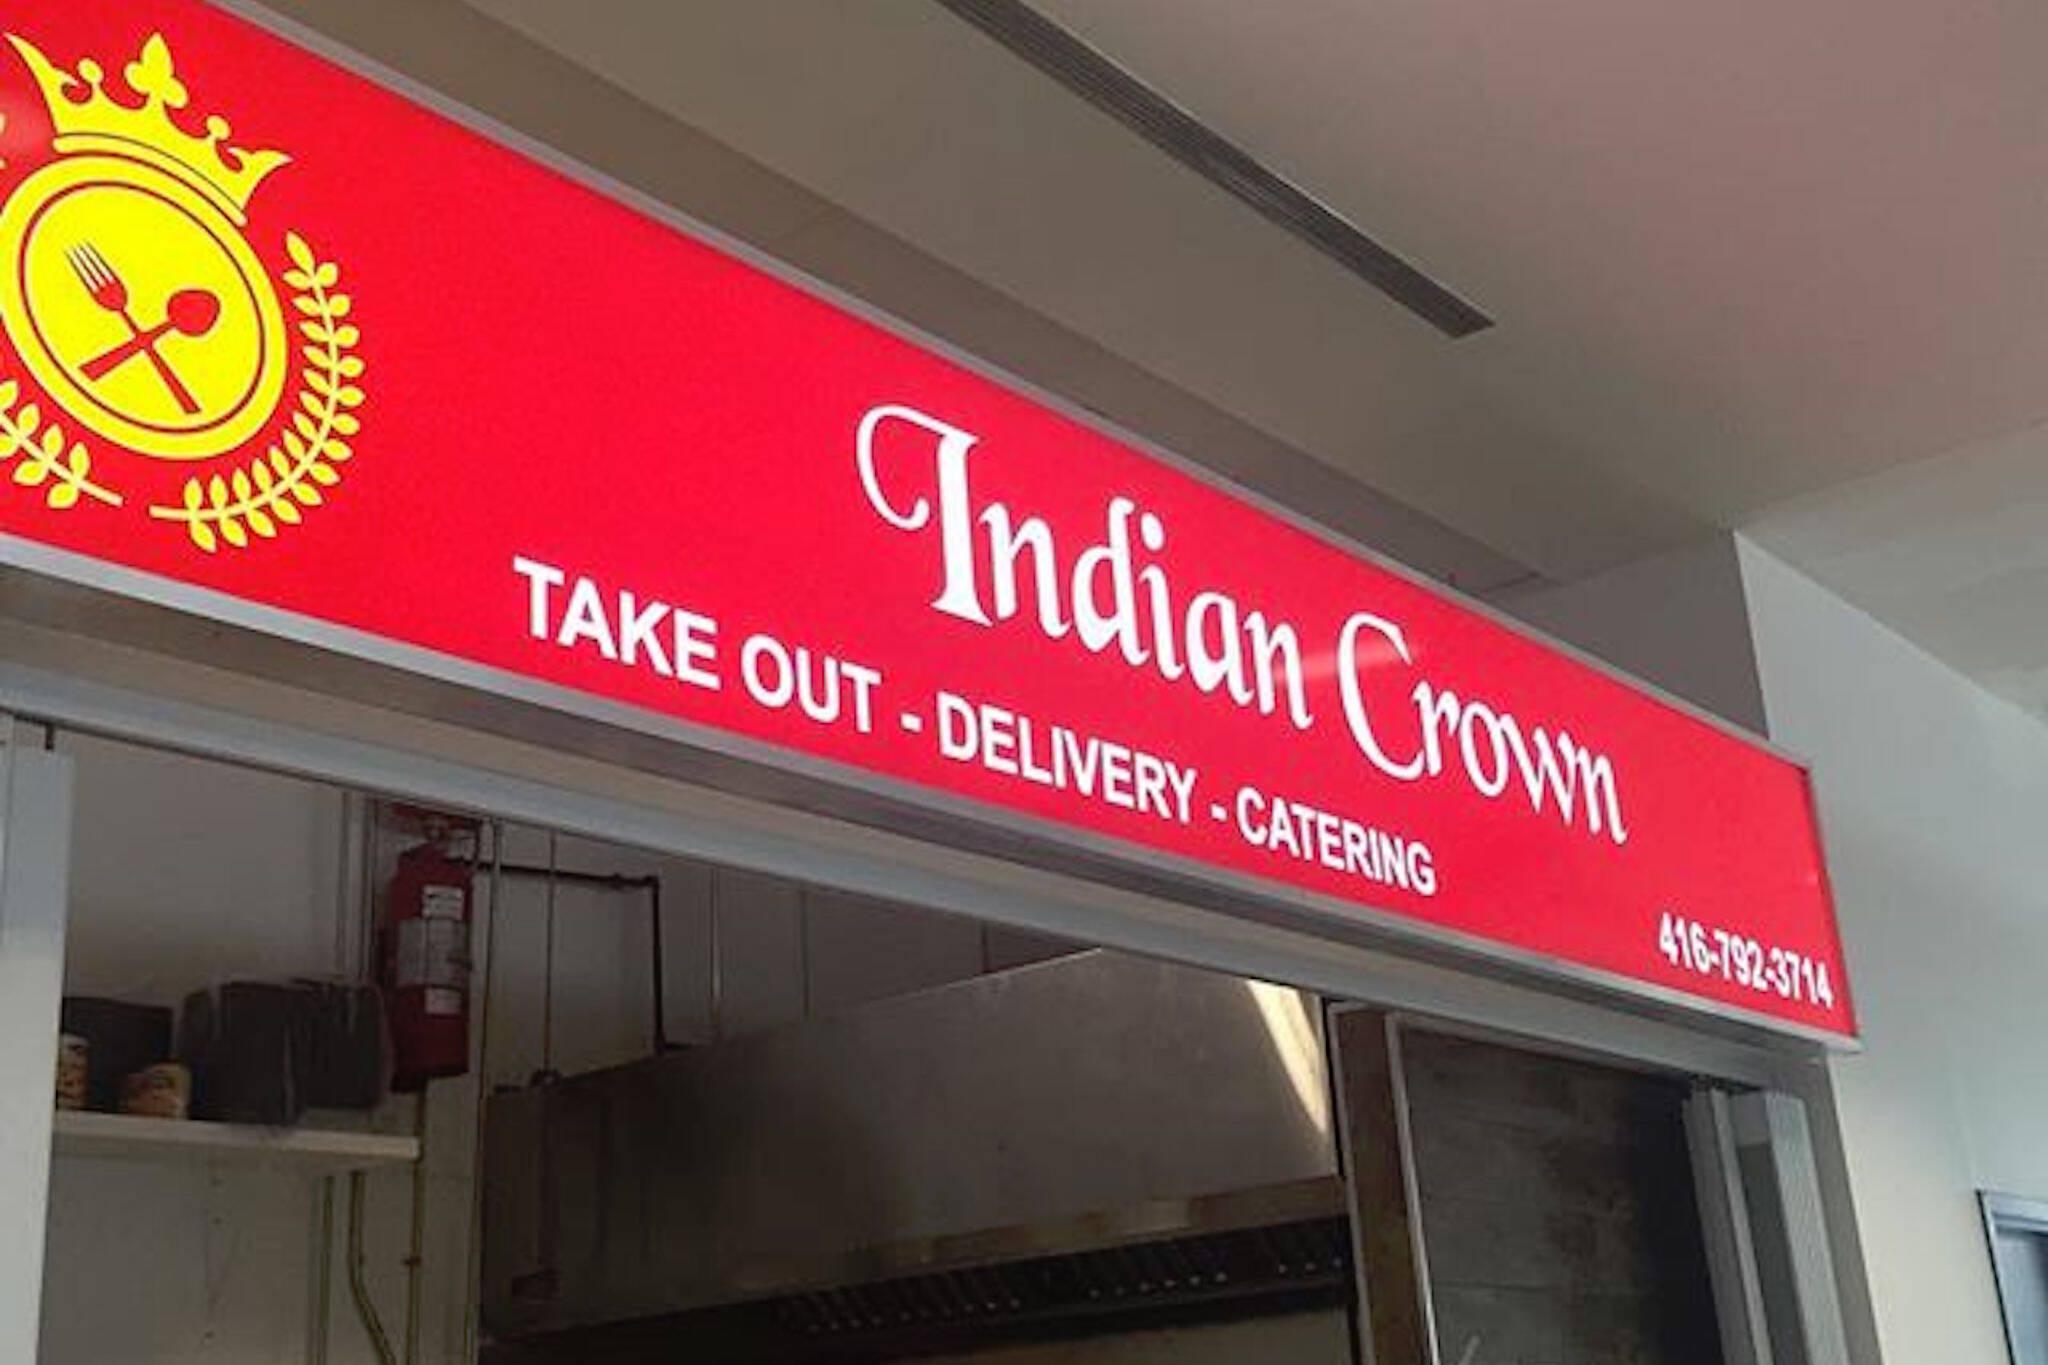 Indian Crown Toronto